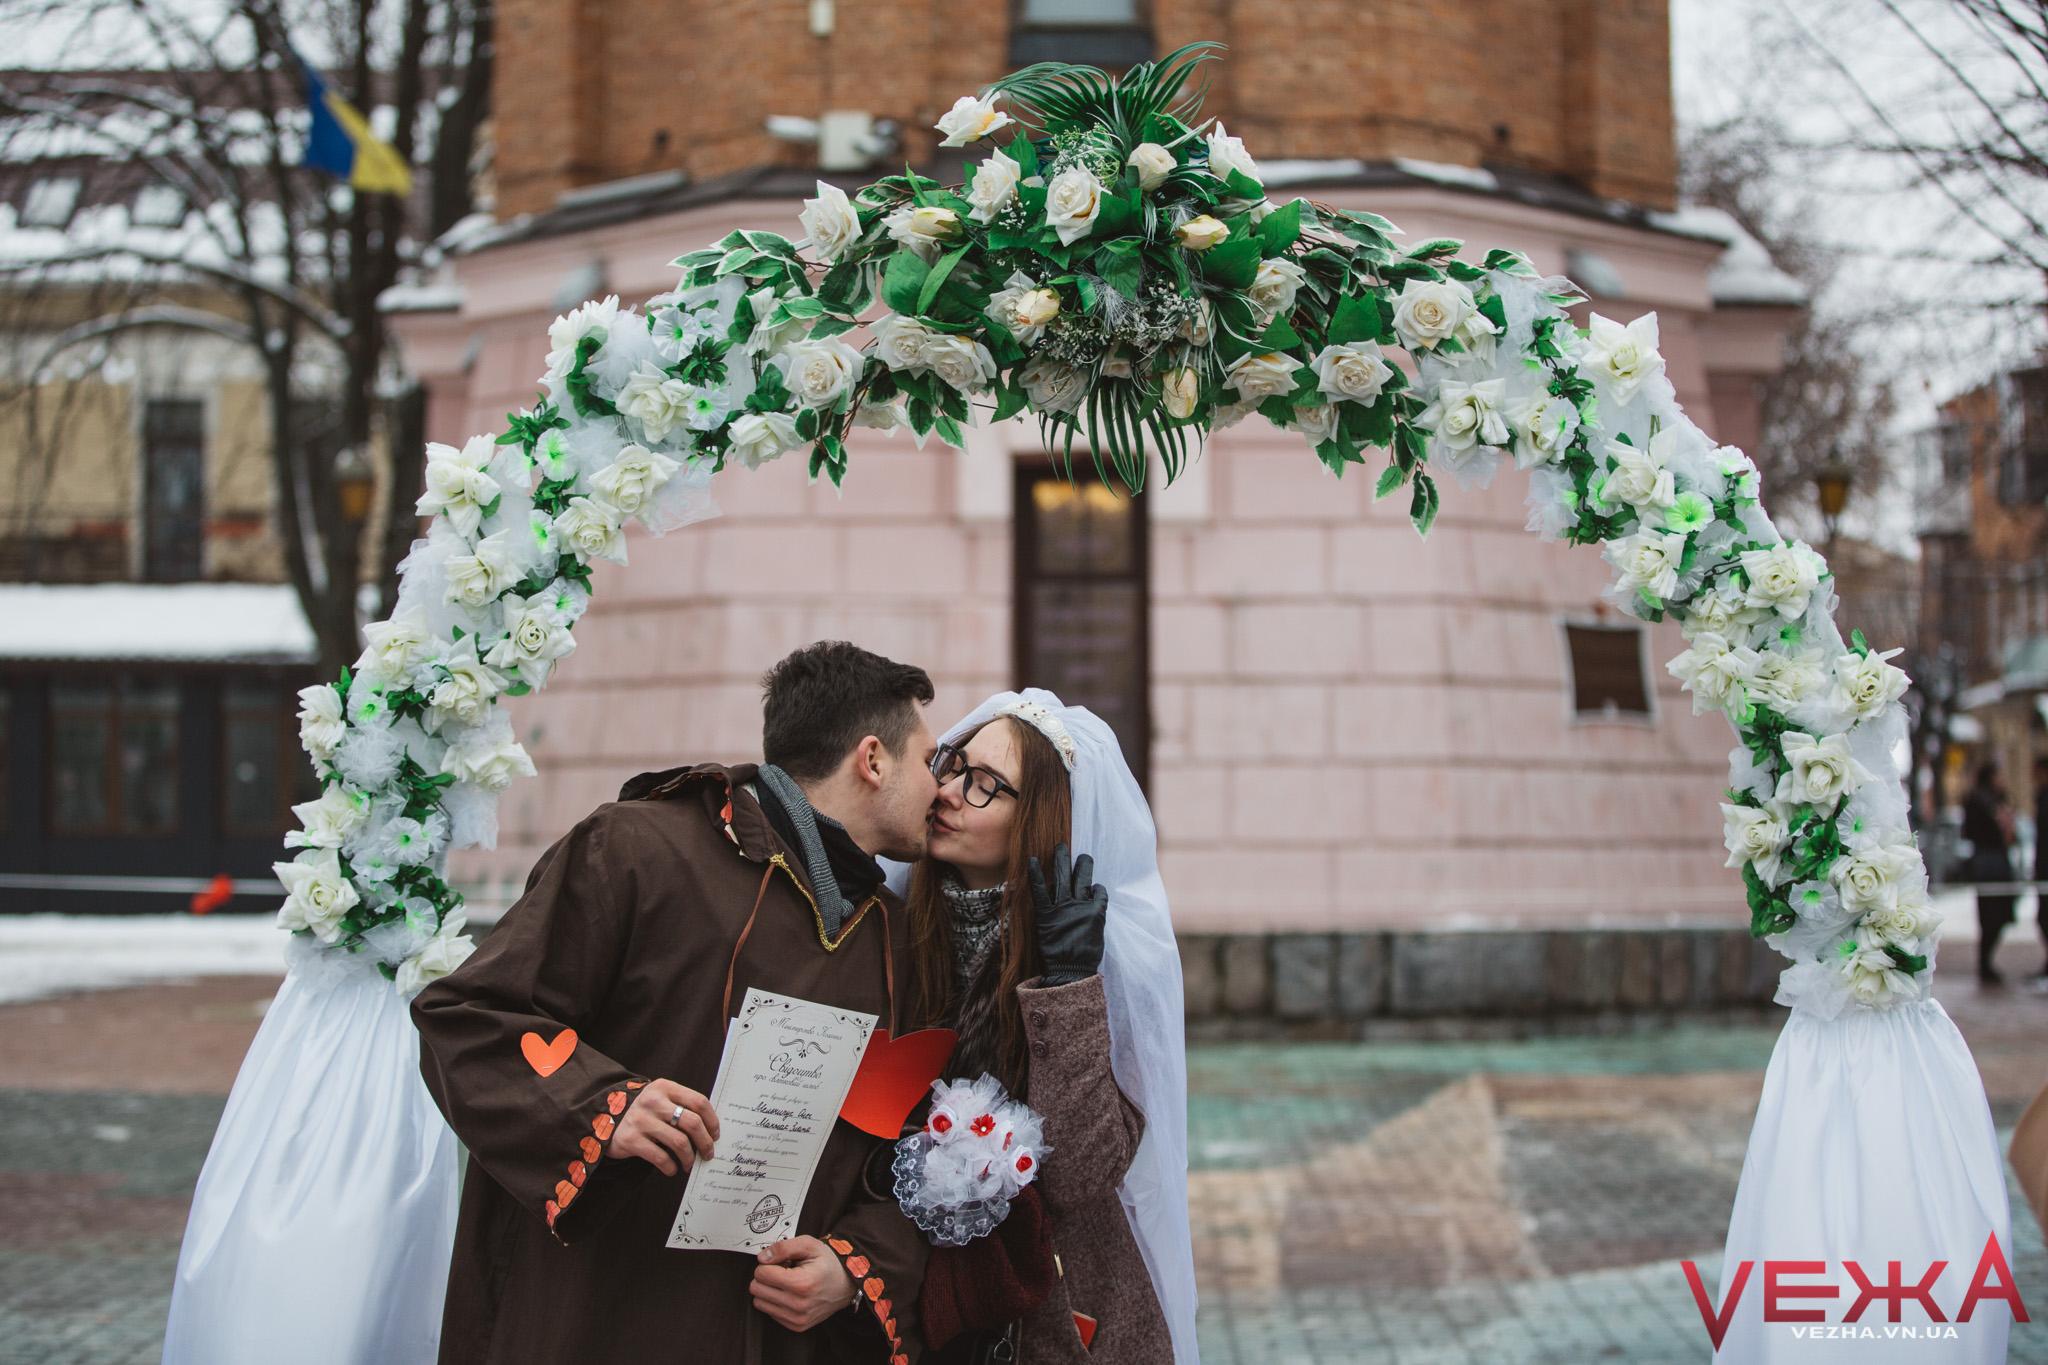 Біля вінницької Вежі на один день одружилися Святий Валентин і ще 20 пар вінничан. ФОТОРЕПОРТАЖ